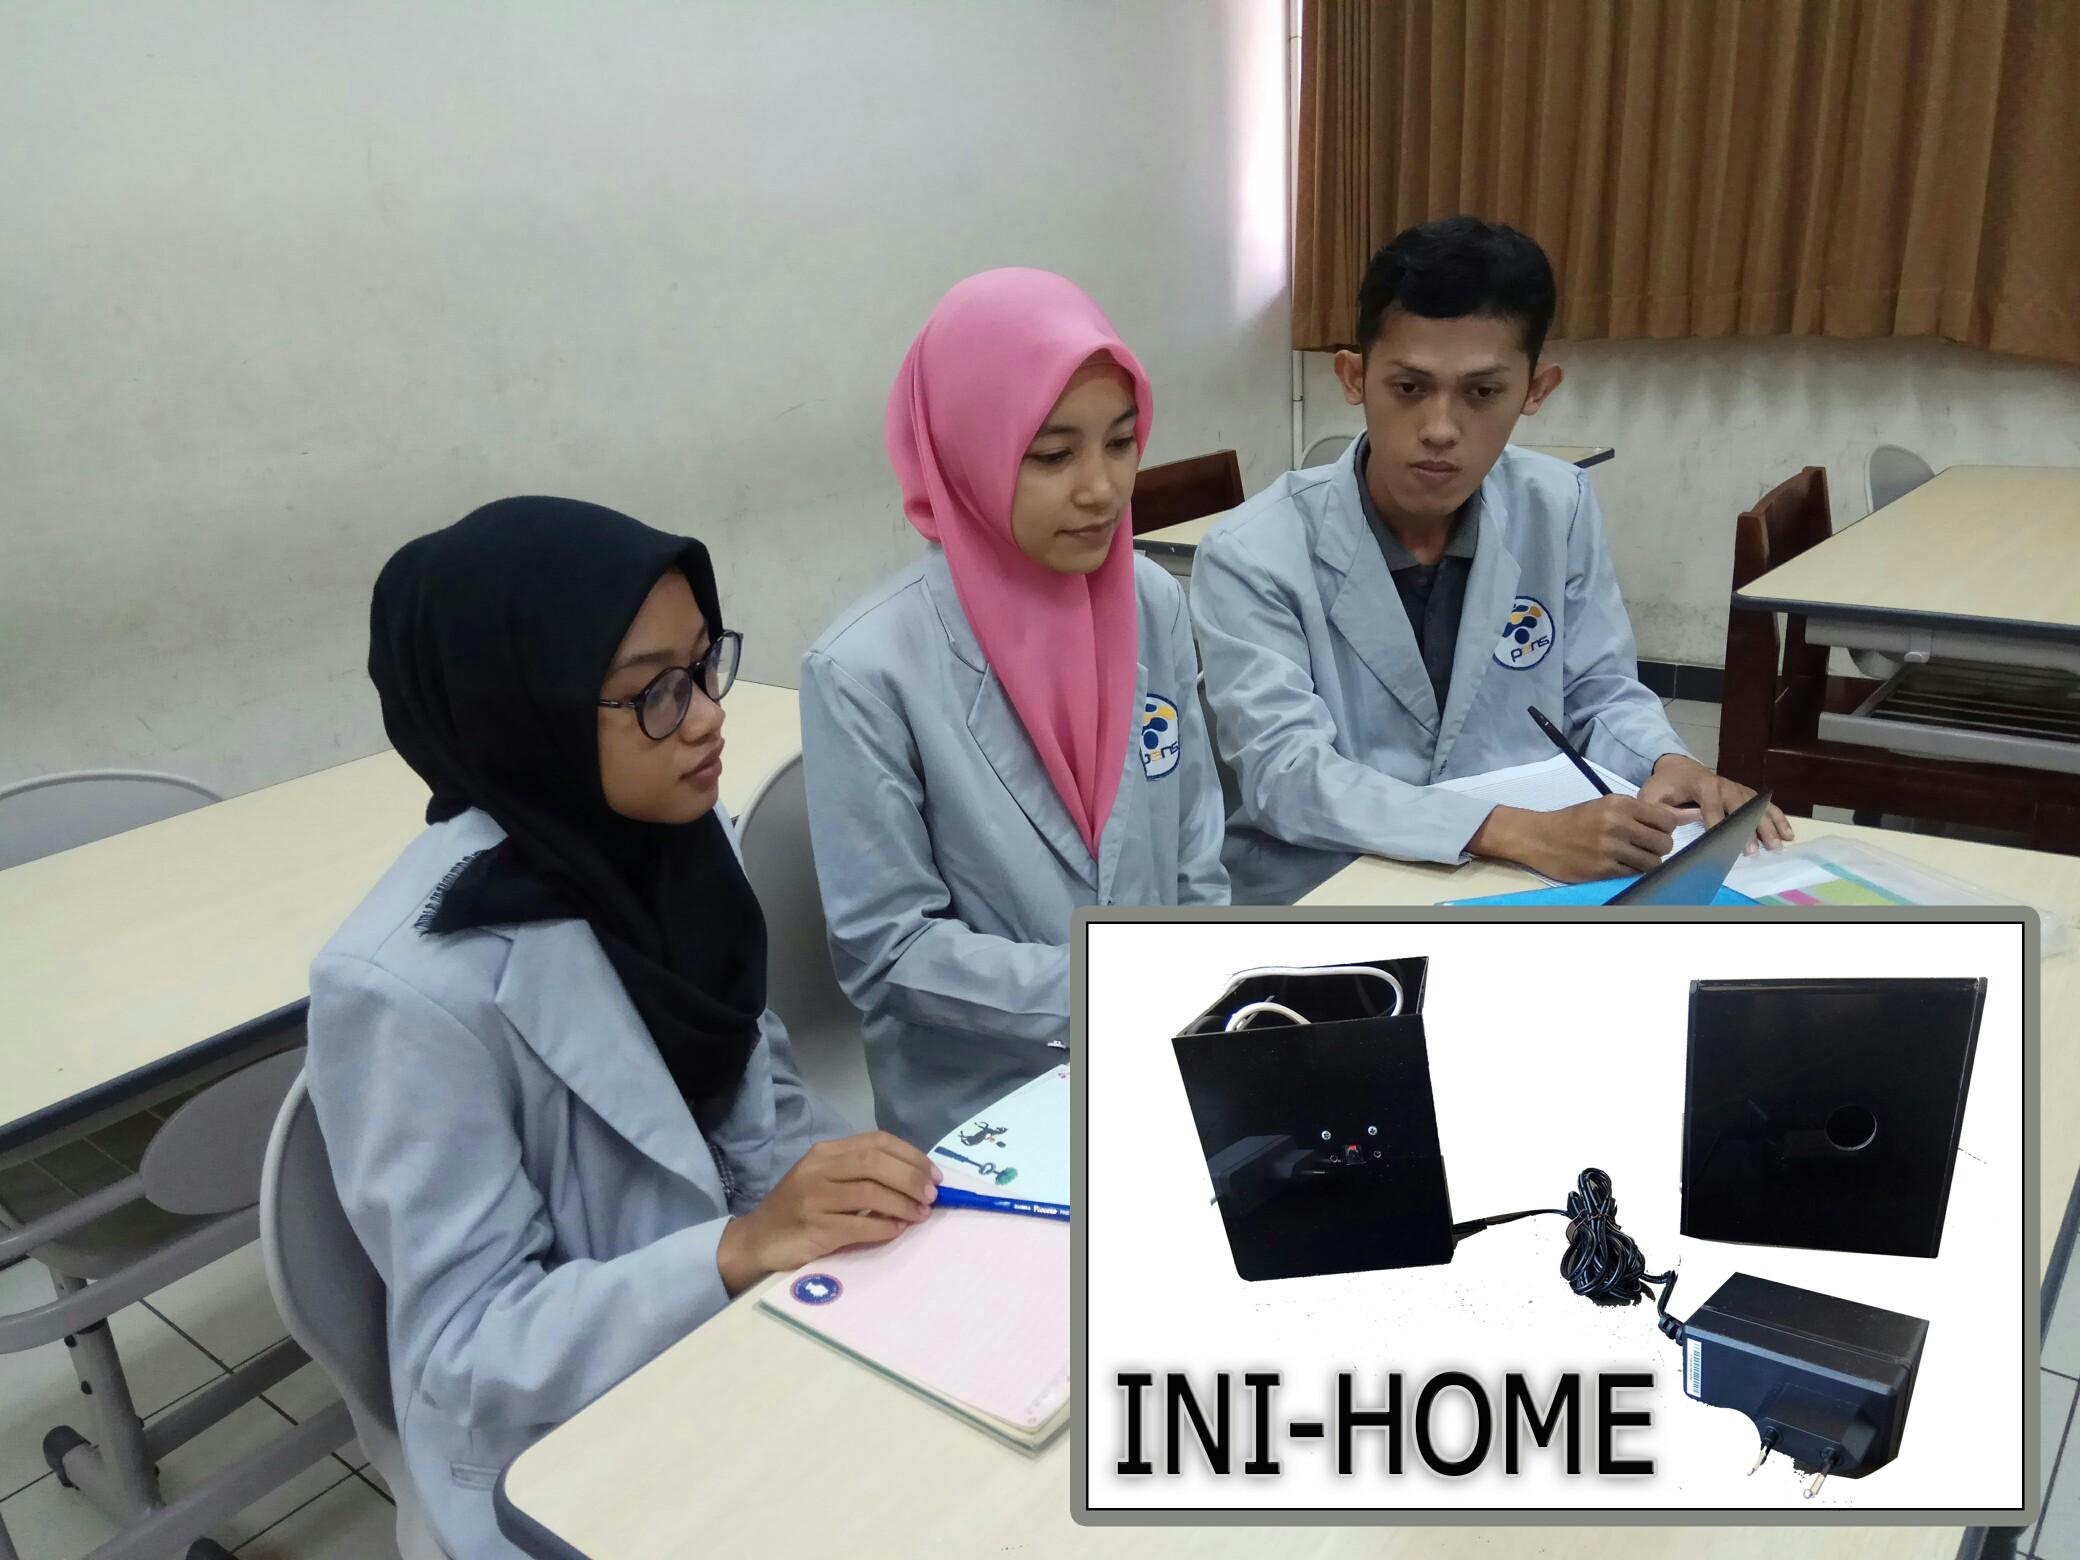 INI-HOME Sistem Monitoring Keamanan Rumah secara Real-Time Karya Mahasiswa PENS